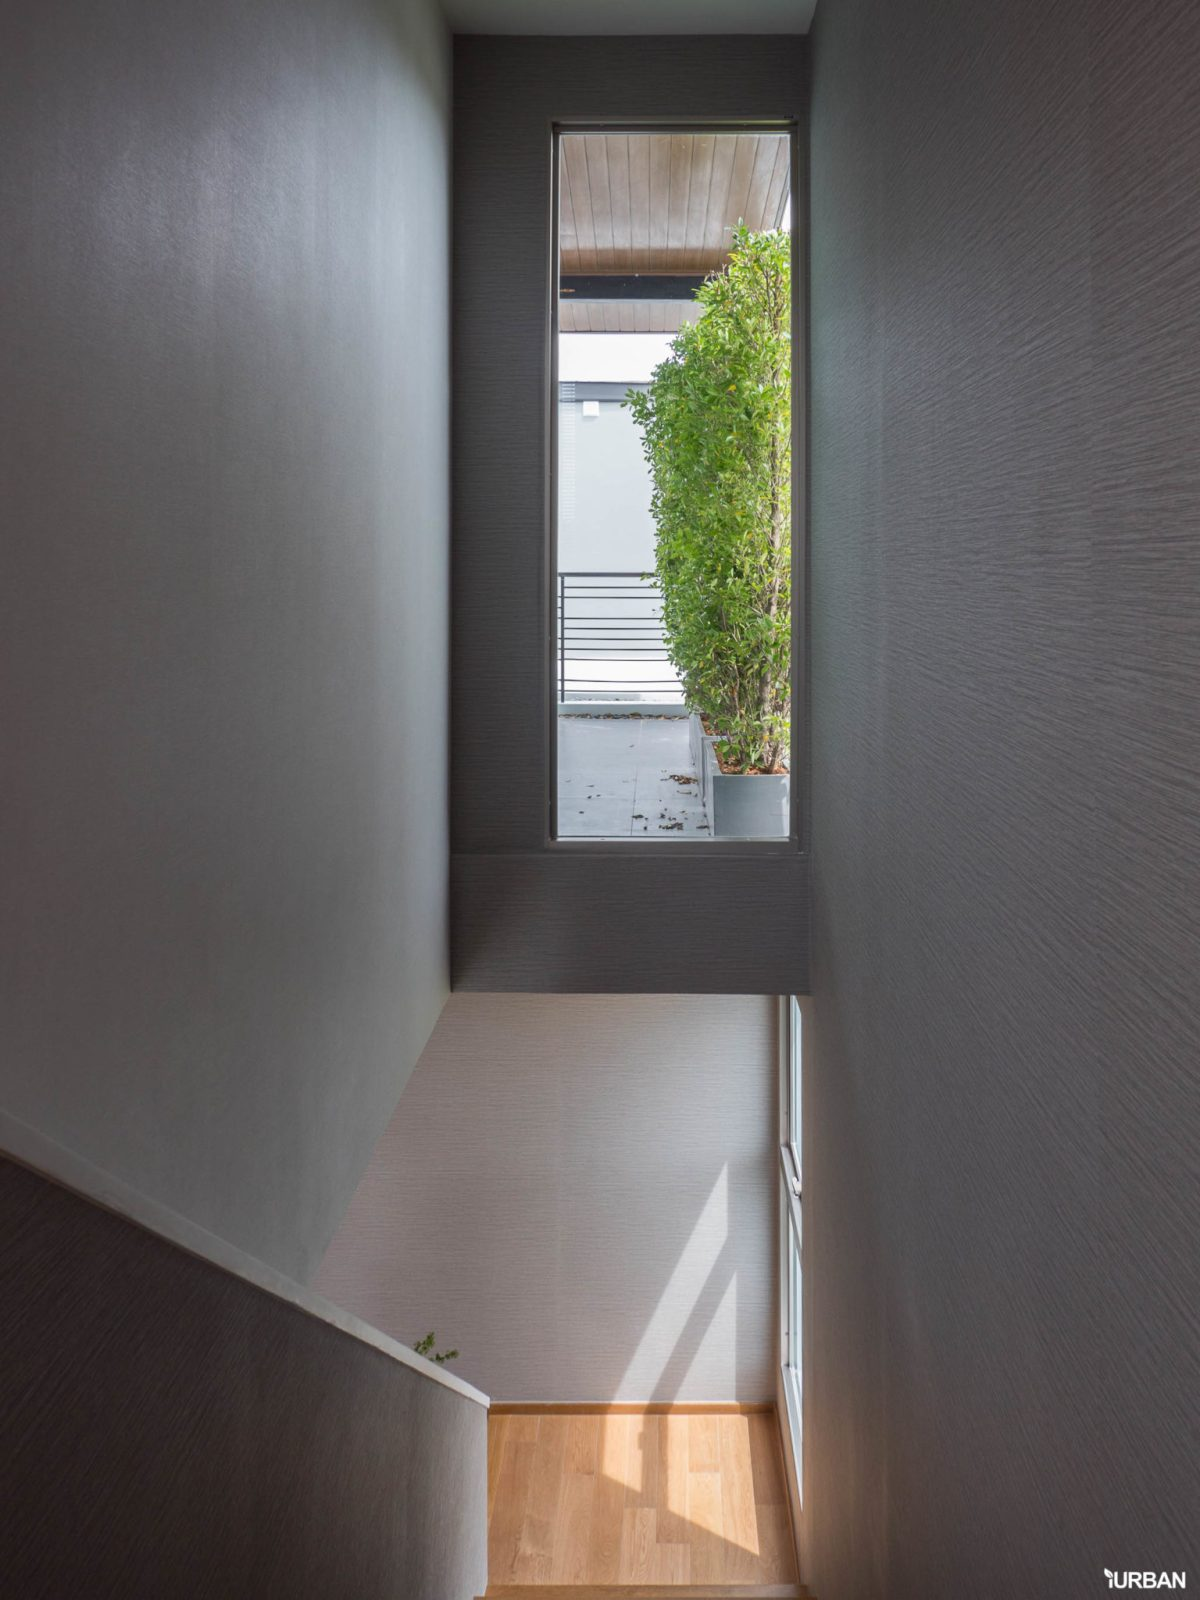 รีวิว Nirvana BEYOND Udonthani บ้านเดี่ยว 3 ชั้น ดีไซน์บิดสุดโมเดิร์น บนที่ดินสุดท้ายหน้าหนองประจักษ์ 107 - Luxury